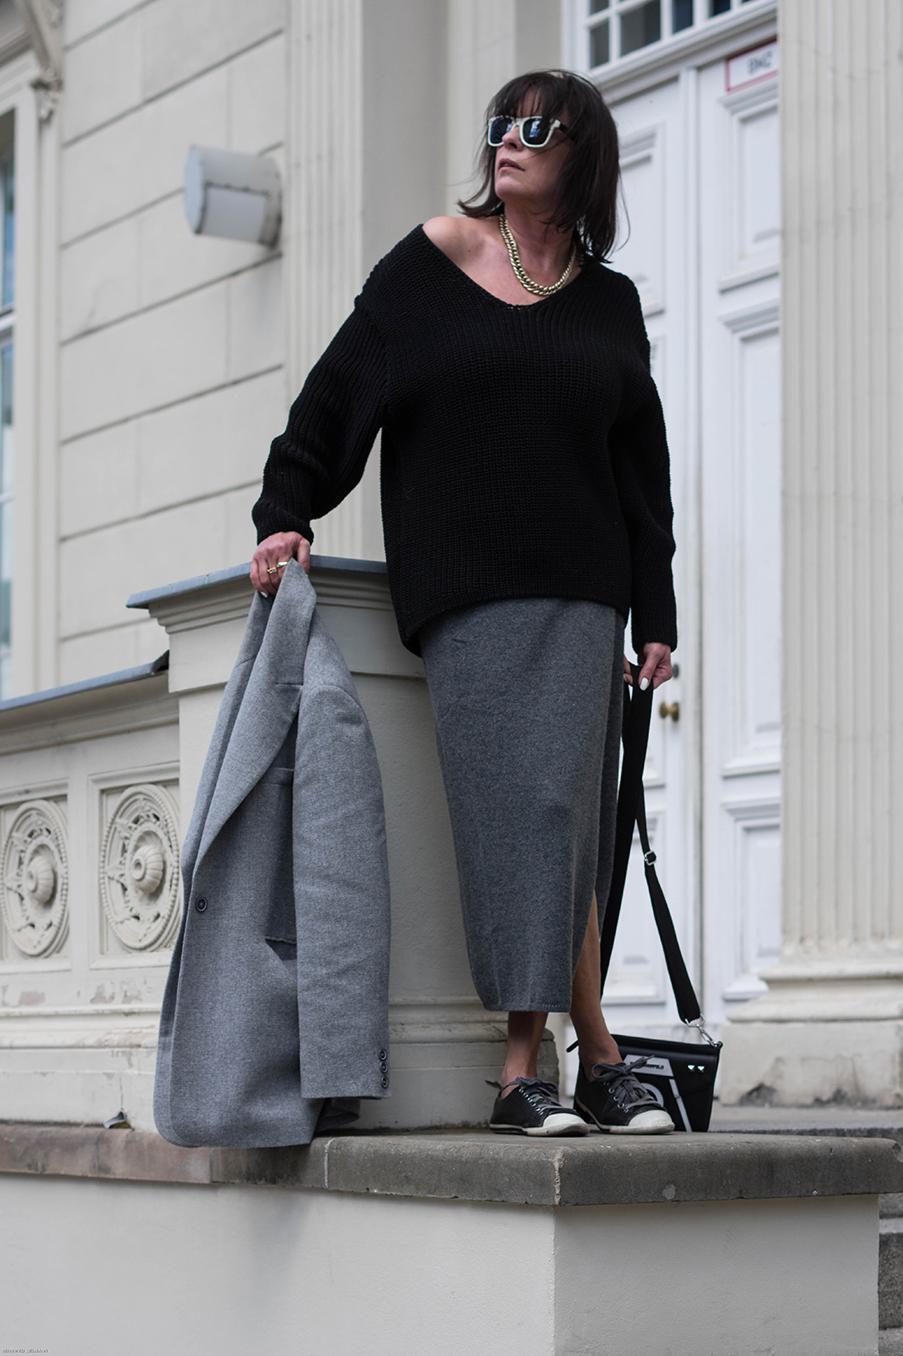 Just-take-a-look Berlin Outfit Grauer Rock und Maske-31.1